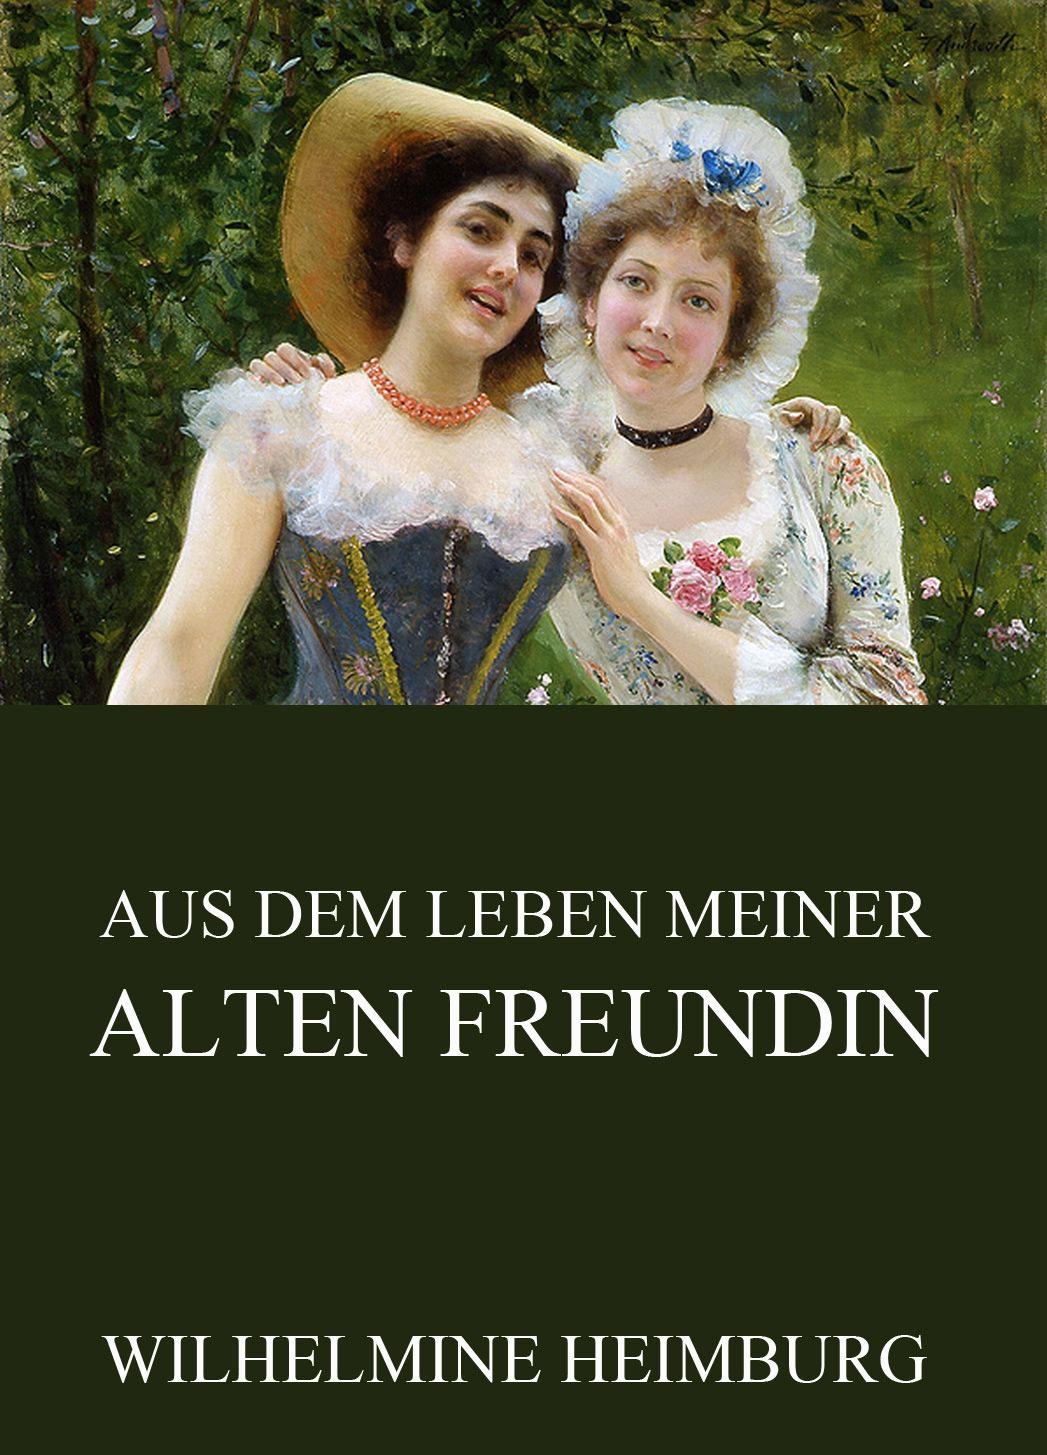 Wilhelmine Heimburg Aus dem Leben meiner alten Freundin